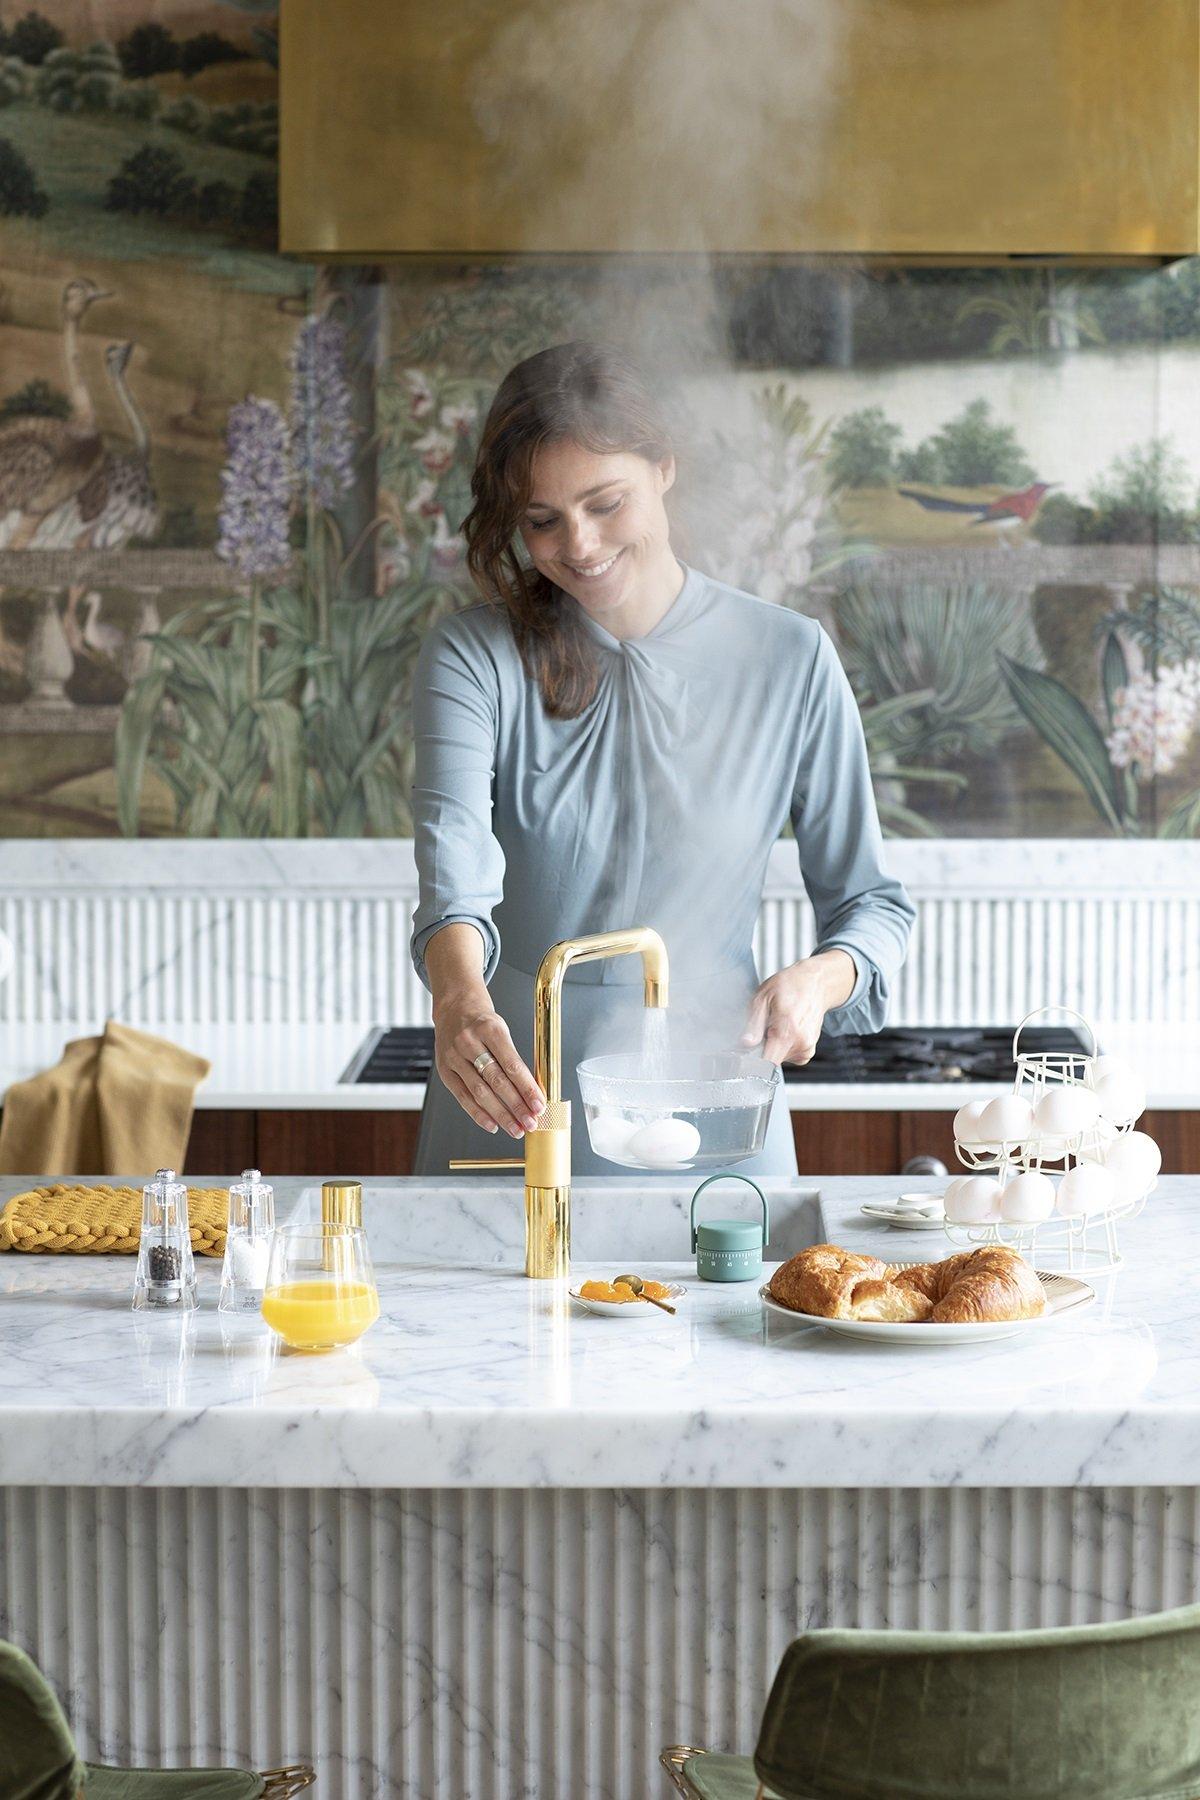 kokendwaterkraan, quooker, keuken, the art of living